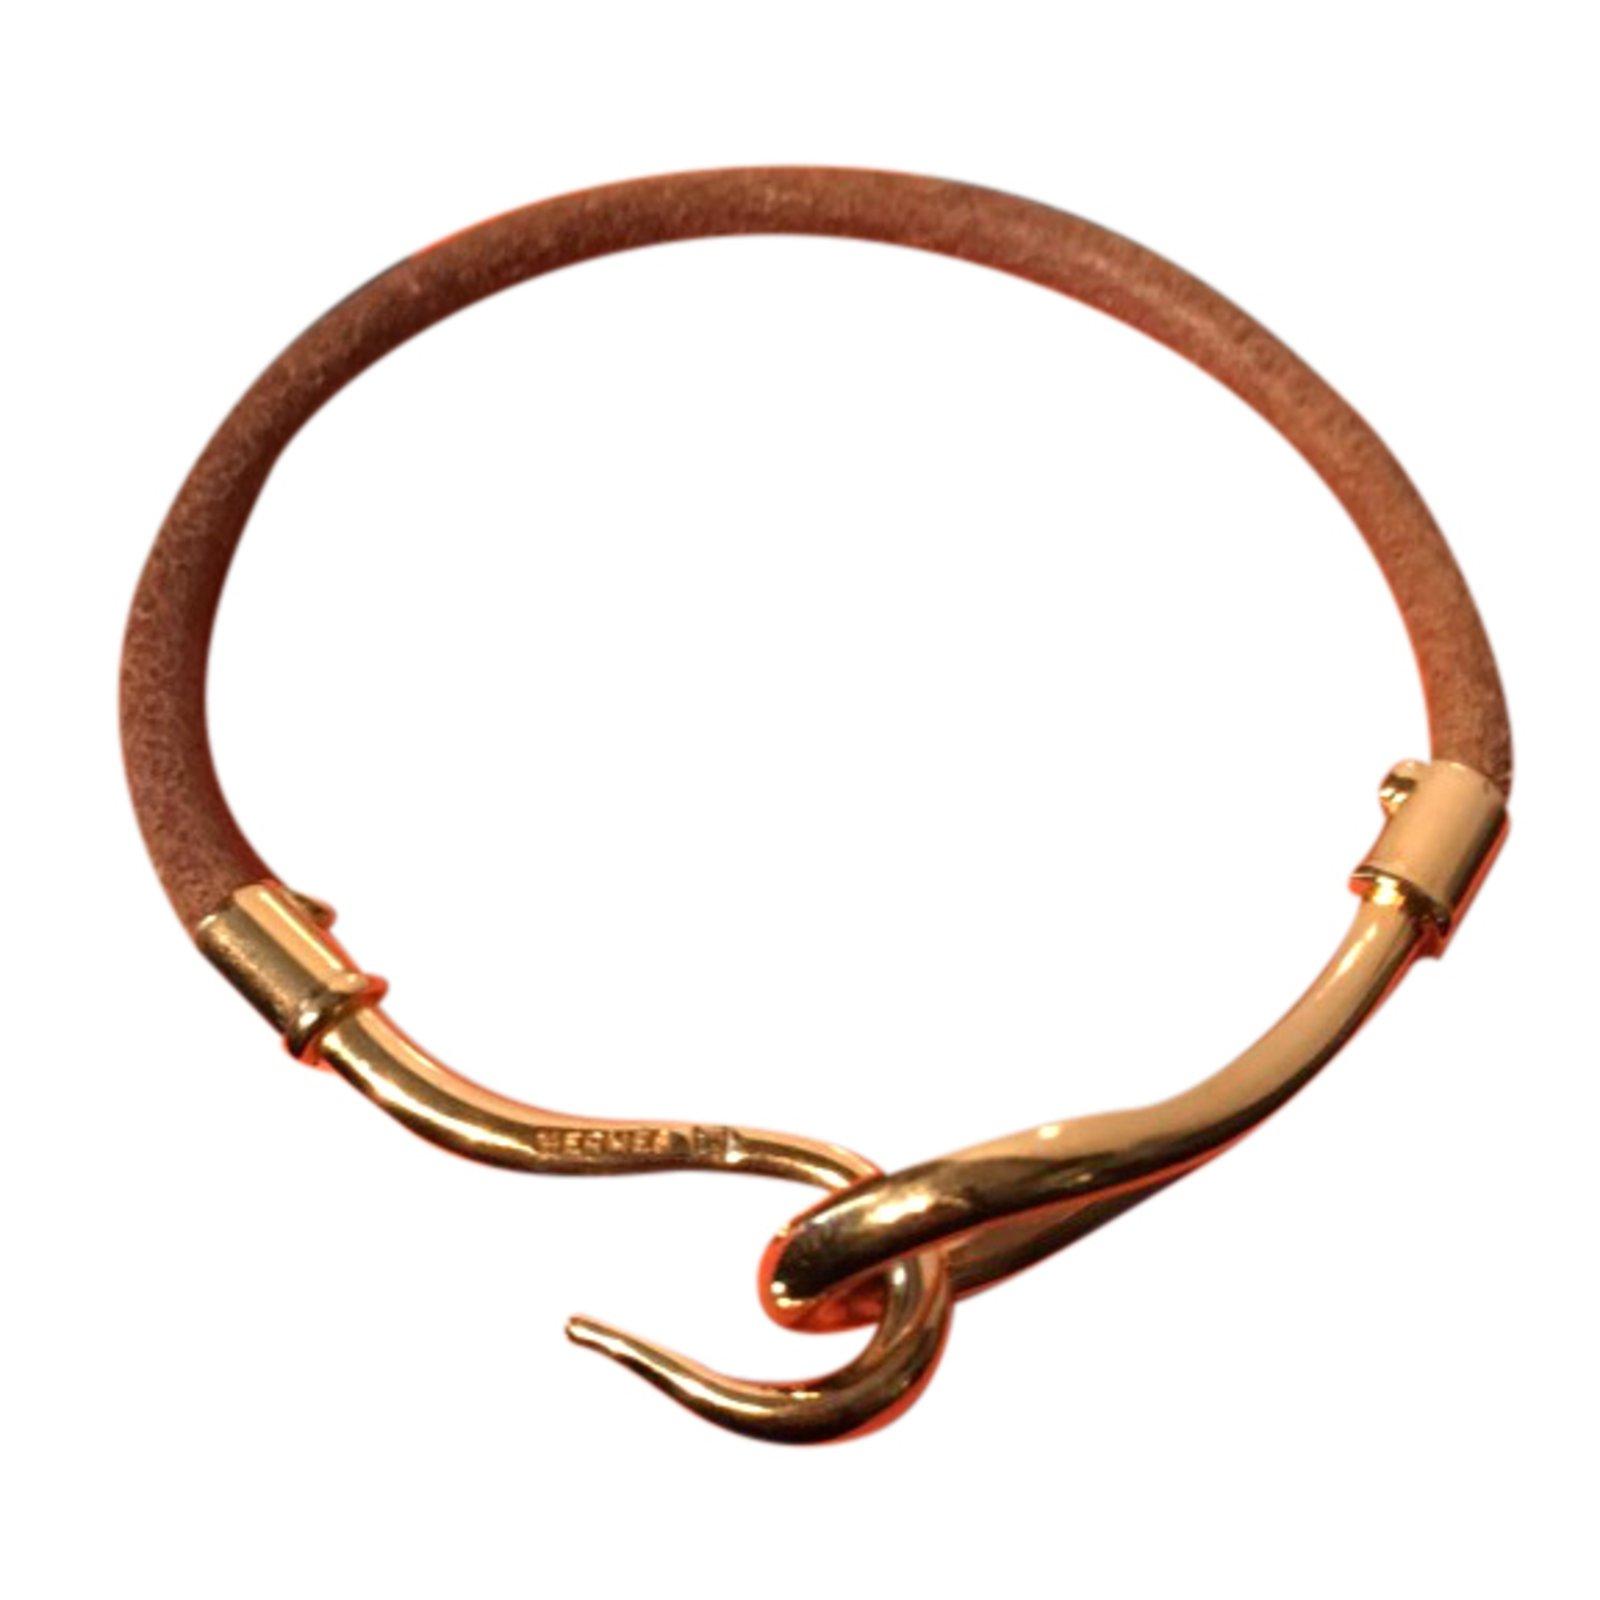 4f89943fc86f ... czech hermès bracelet bracelets leather golden ref.24304 4b038 809a4 ...